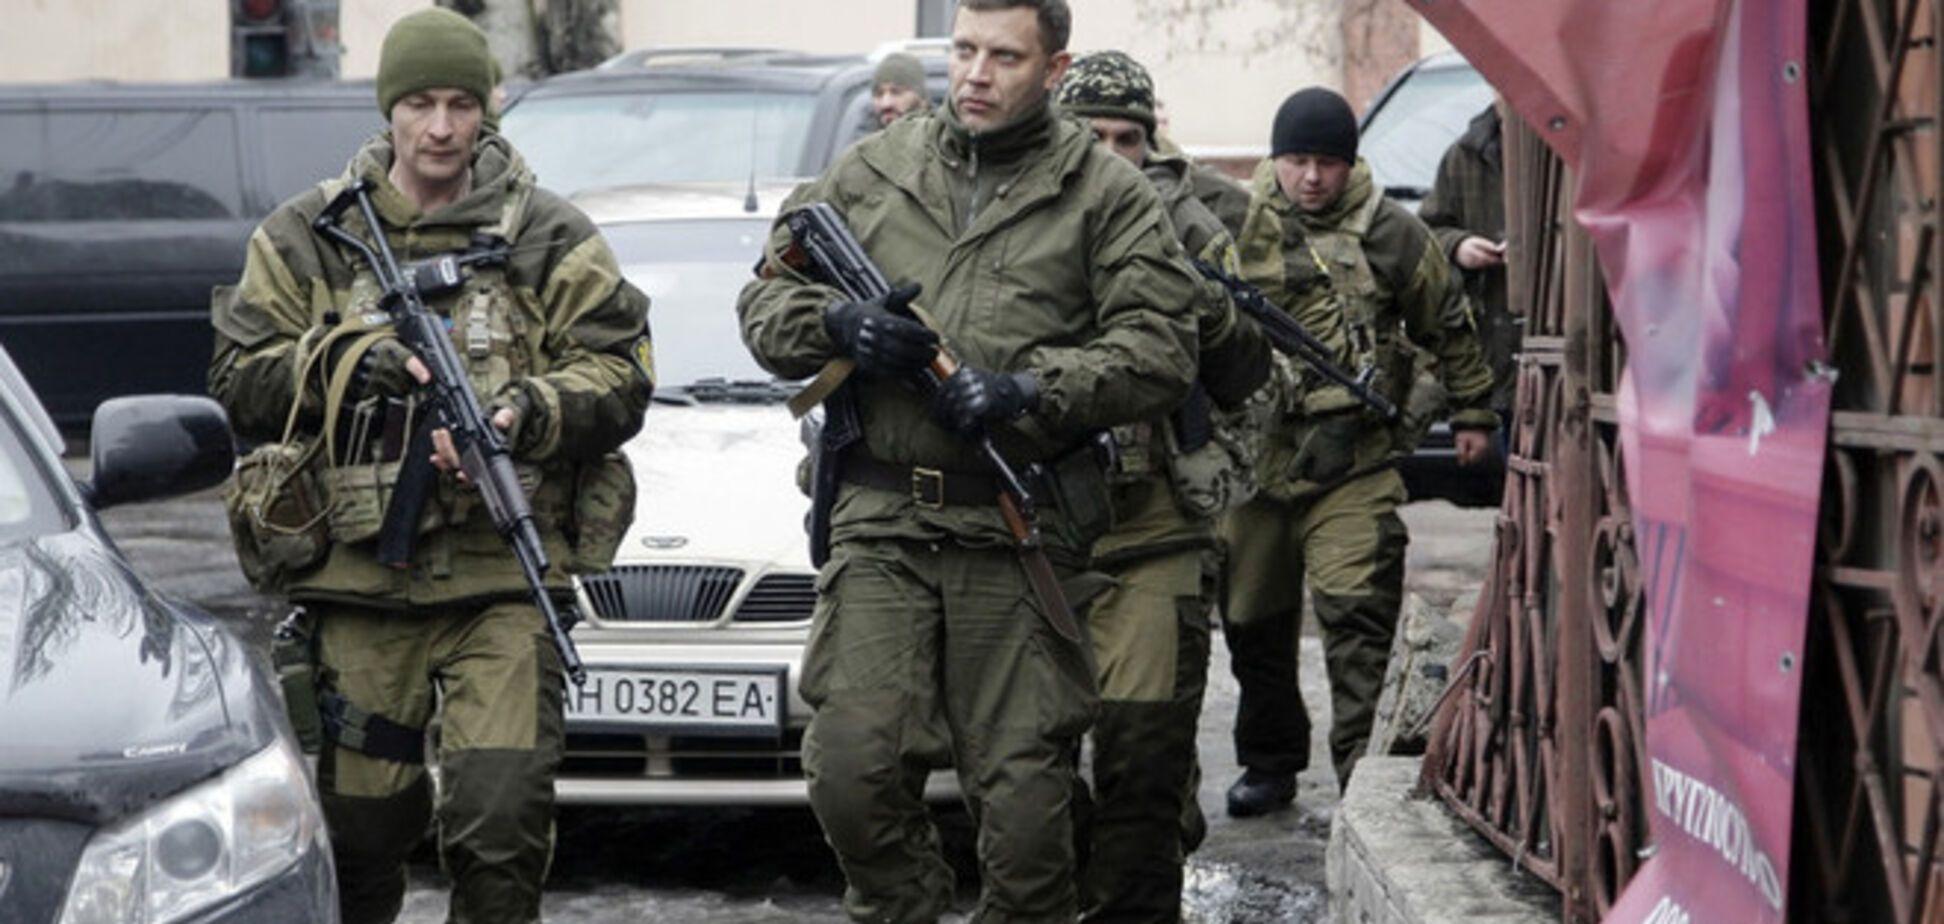 Главарь 'ДНР' последним подписал план отвода тяжелых вооружений. Время 'Ч' наступает 22 февраля